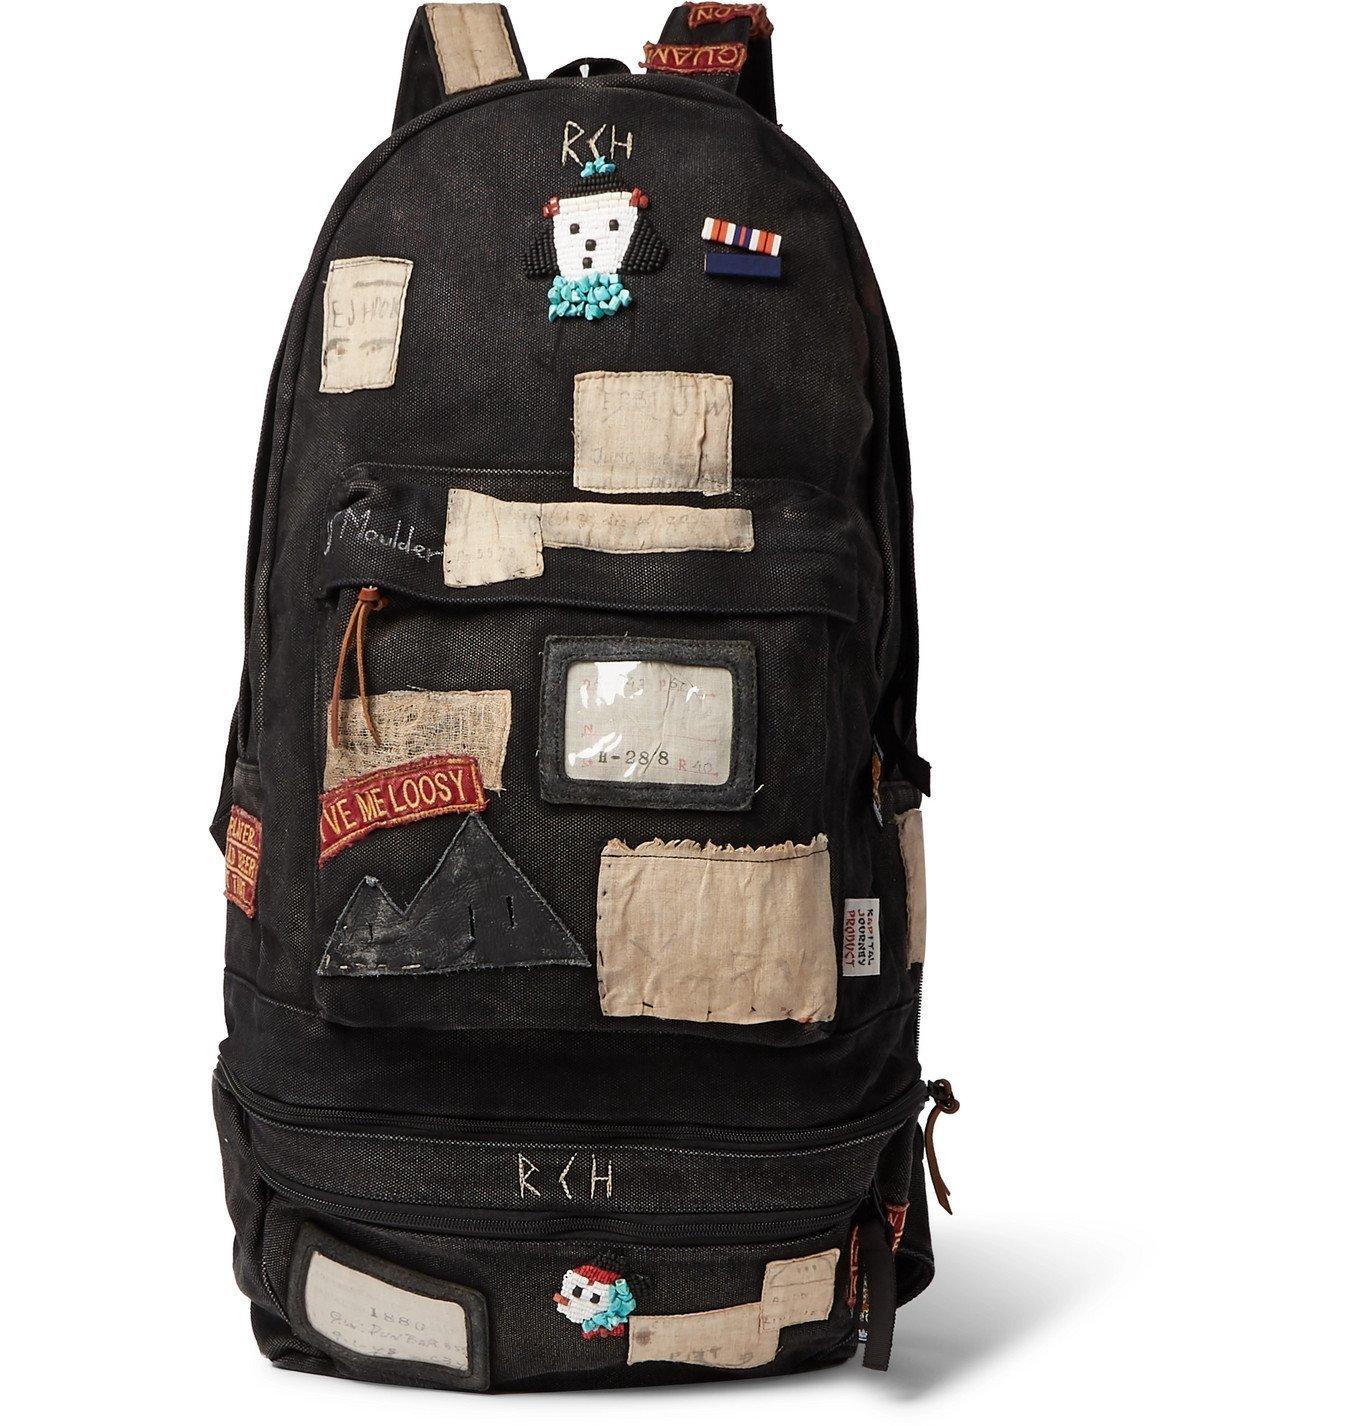 KAPITAL - Distressed Appliquéd Canvas Backpack with Detachable Belt Bag - Black